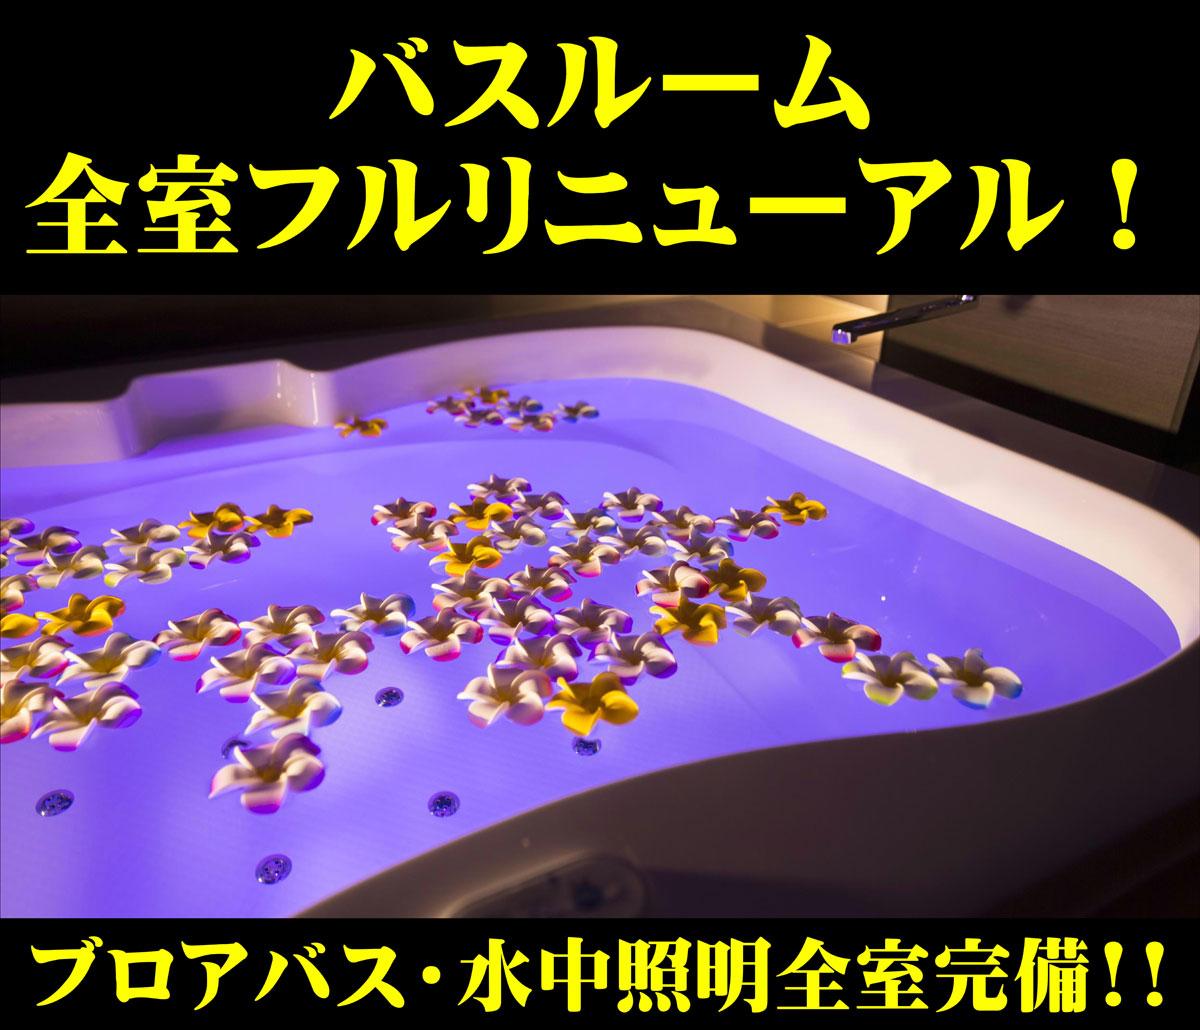 バスルーム 全室フルリニューアル!!